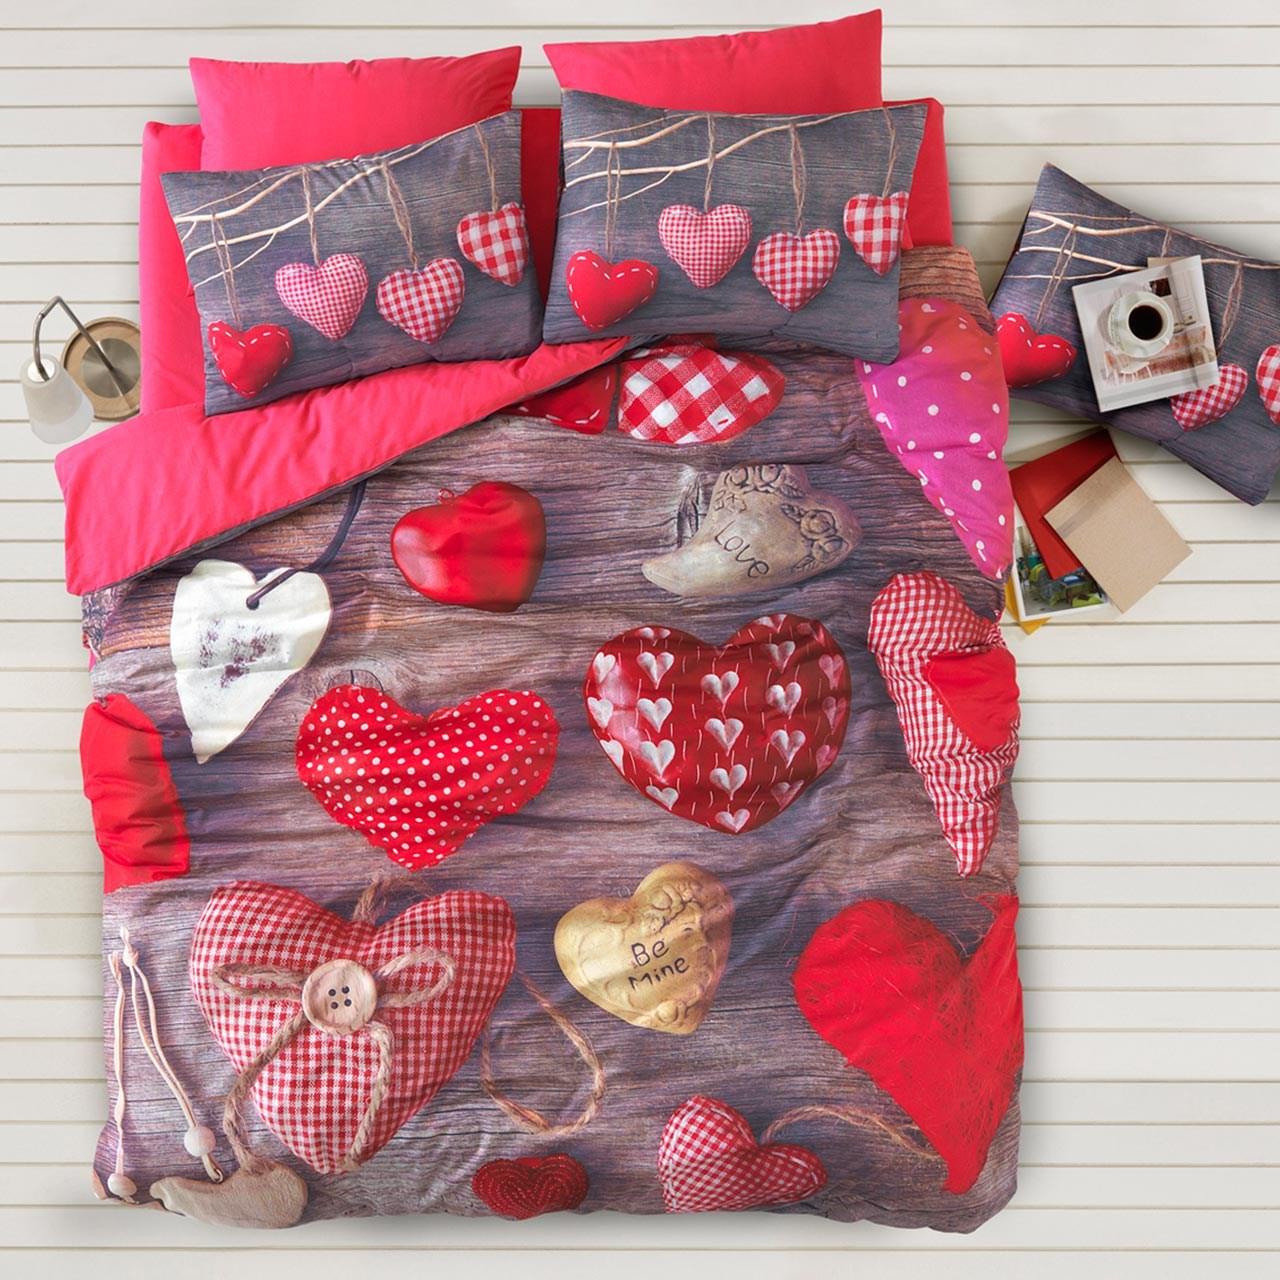 سرویس ملحفه ای گجلر استانبول مدل Valentine  یک نفره 3 تکه